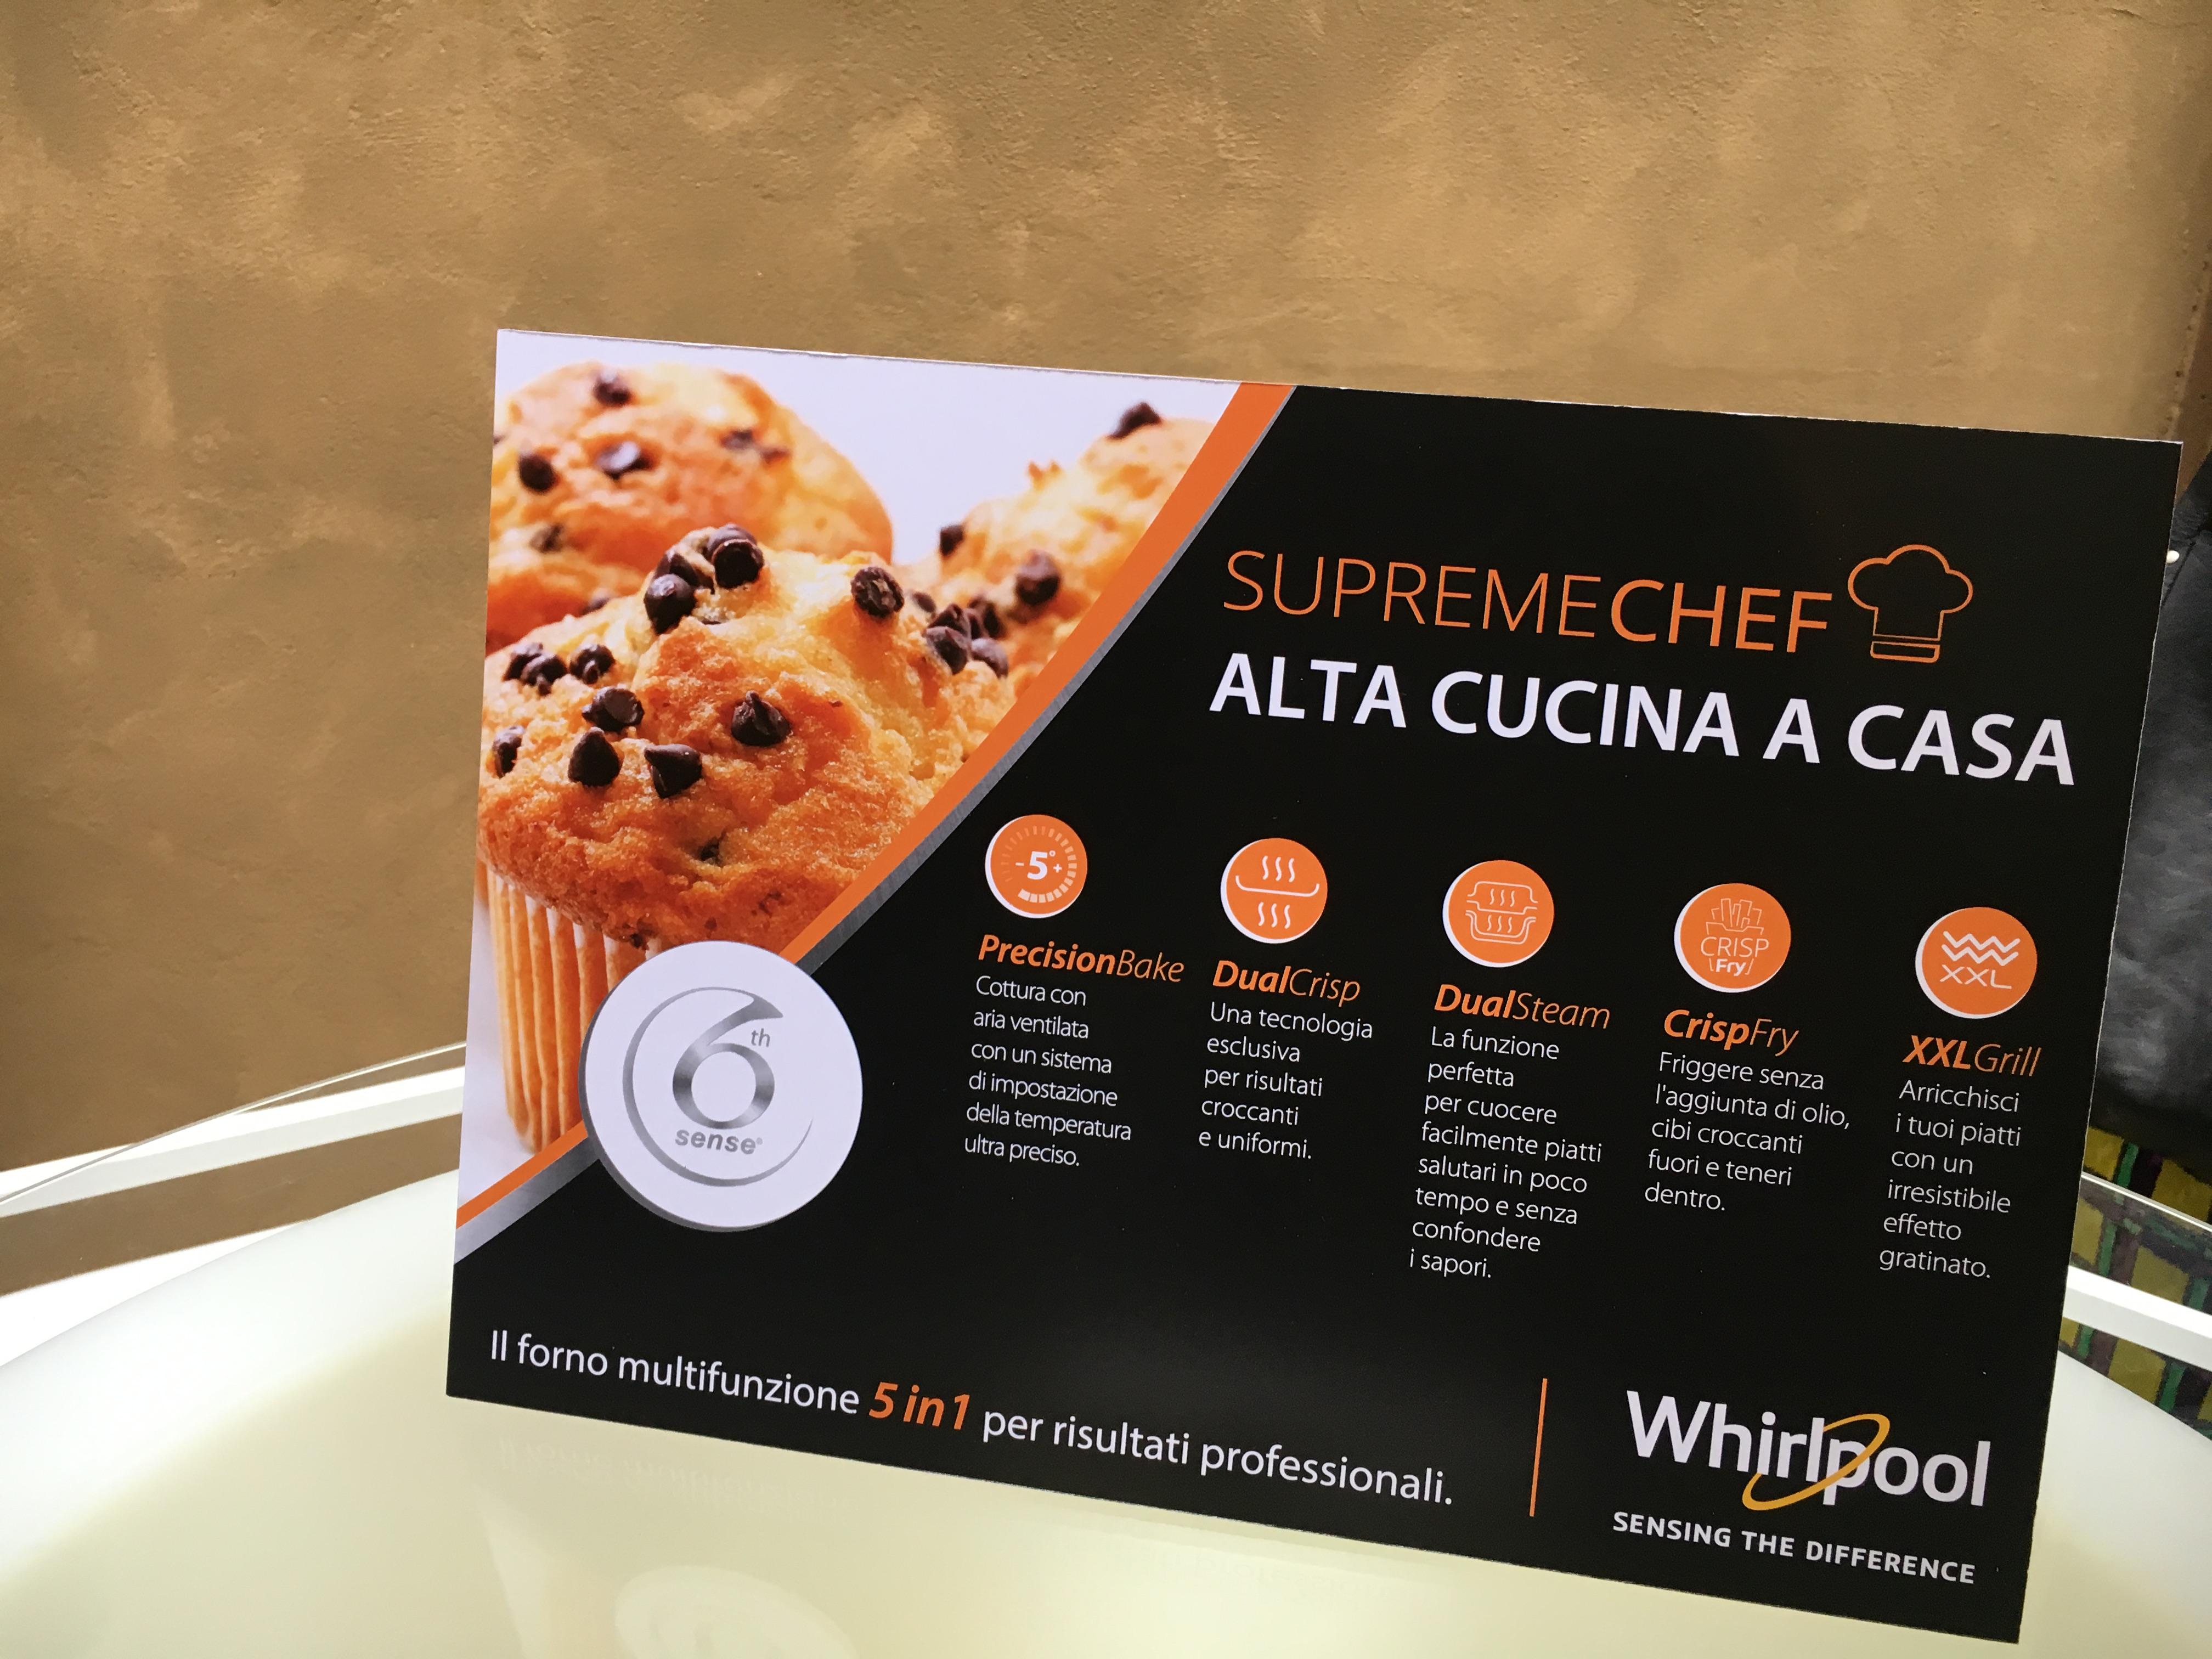 Forno a microonde whirpool supreme chef cucina svago - Forno sesto senso whirlpool ...